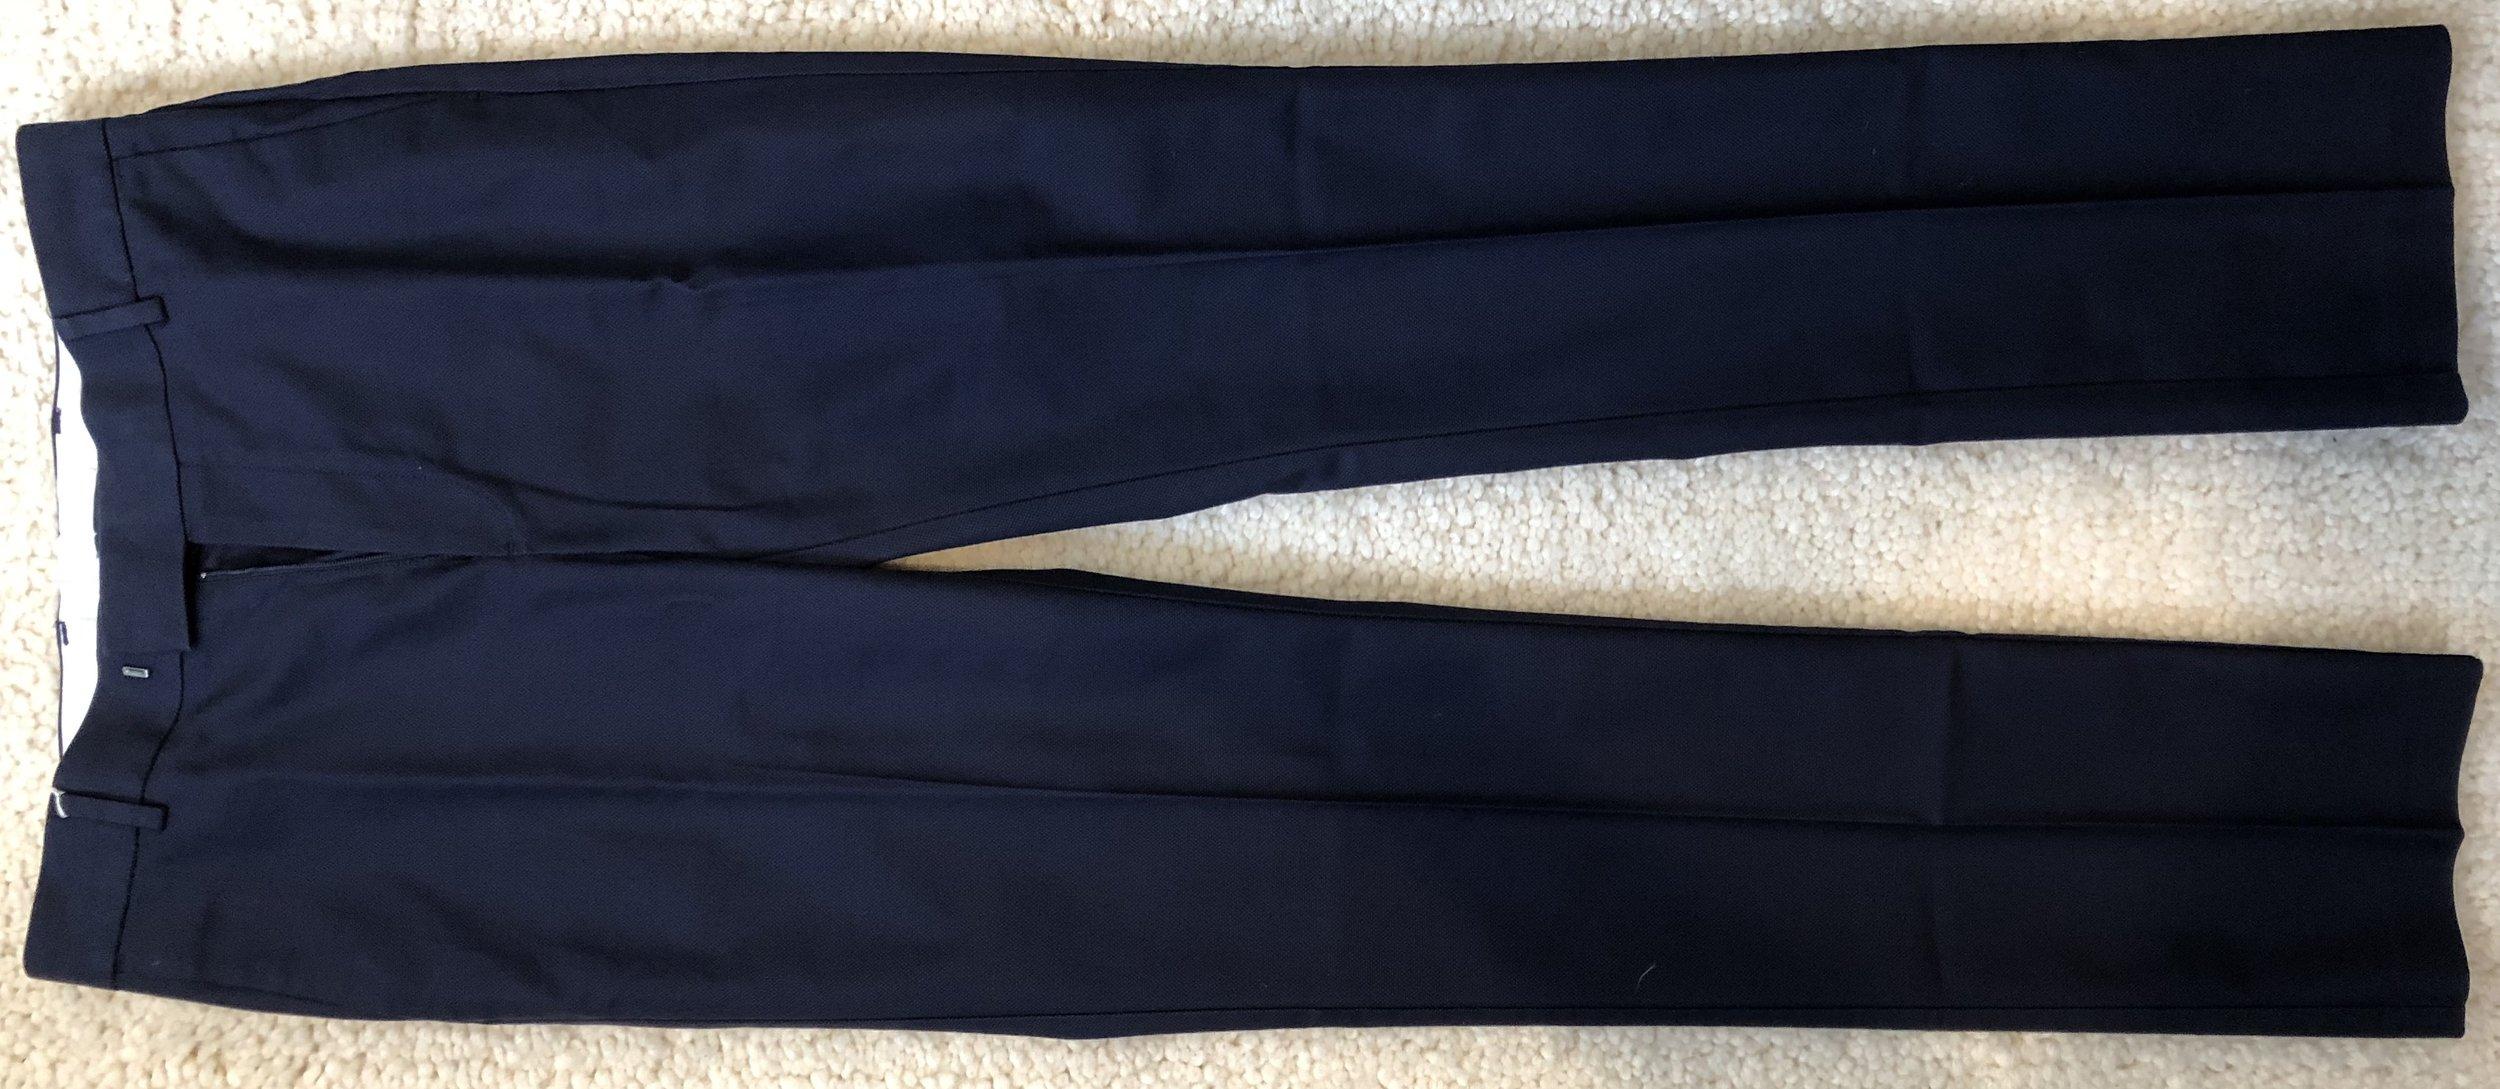 Slim dress pants in blue